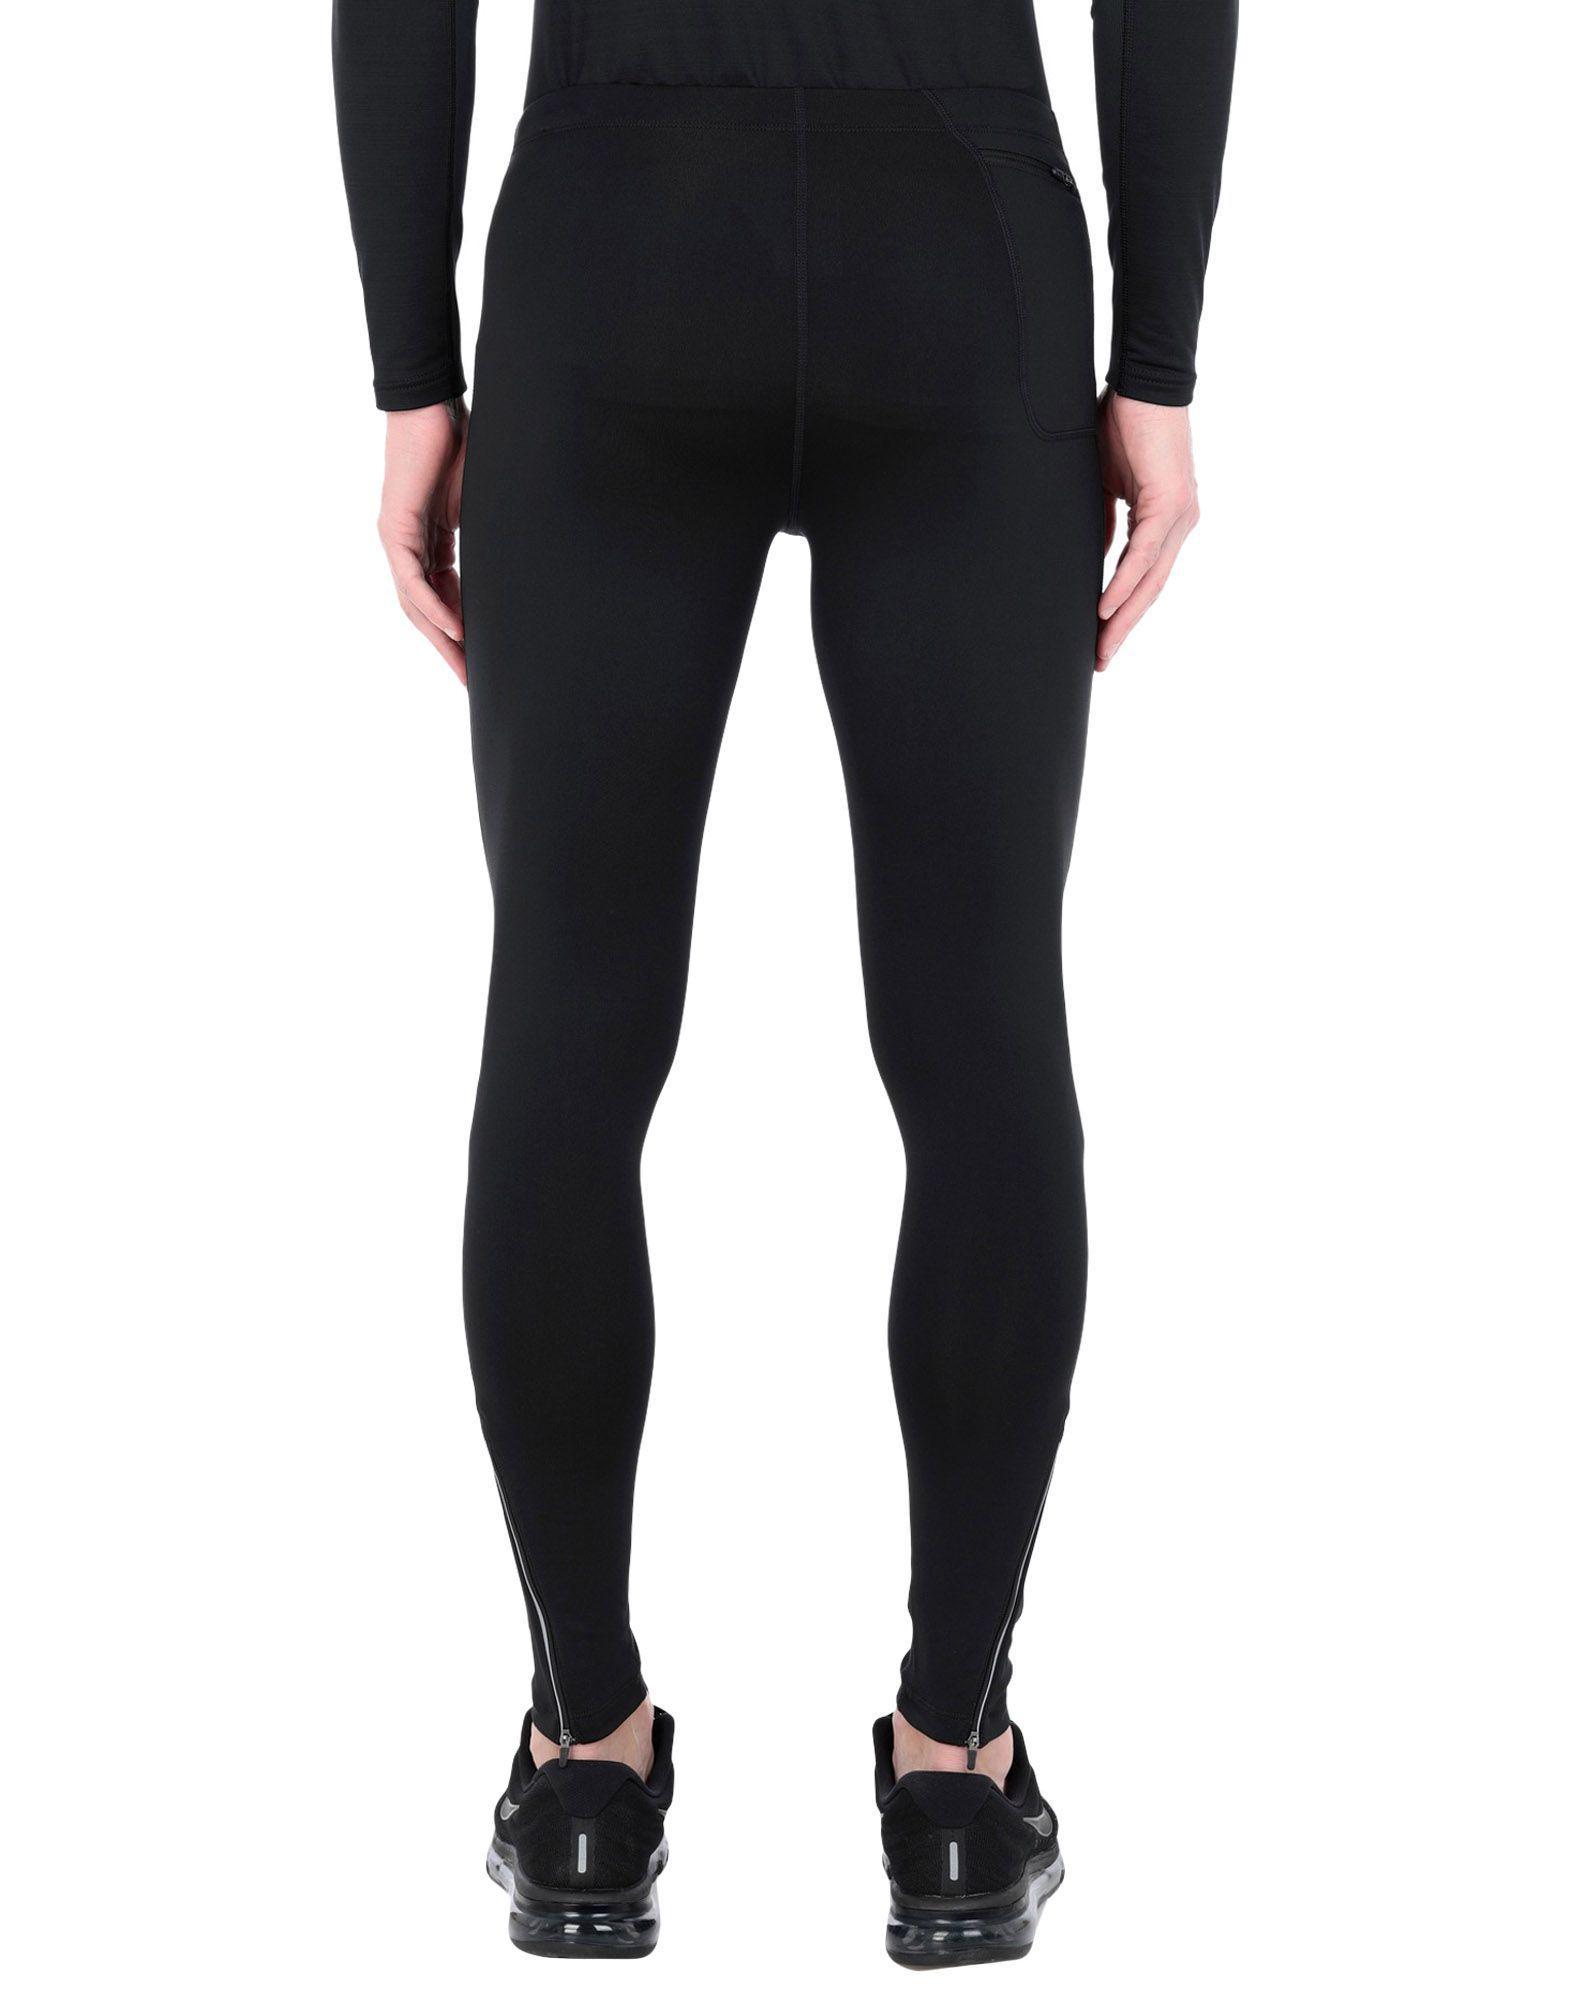 Lyst - Leggings Nike pour homme en coloris Noir c945541a4e7a